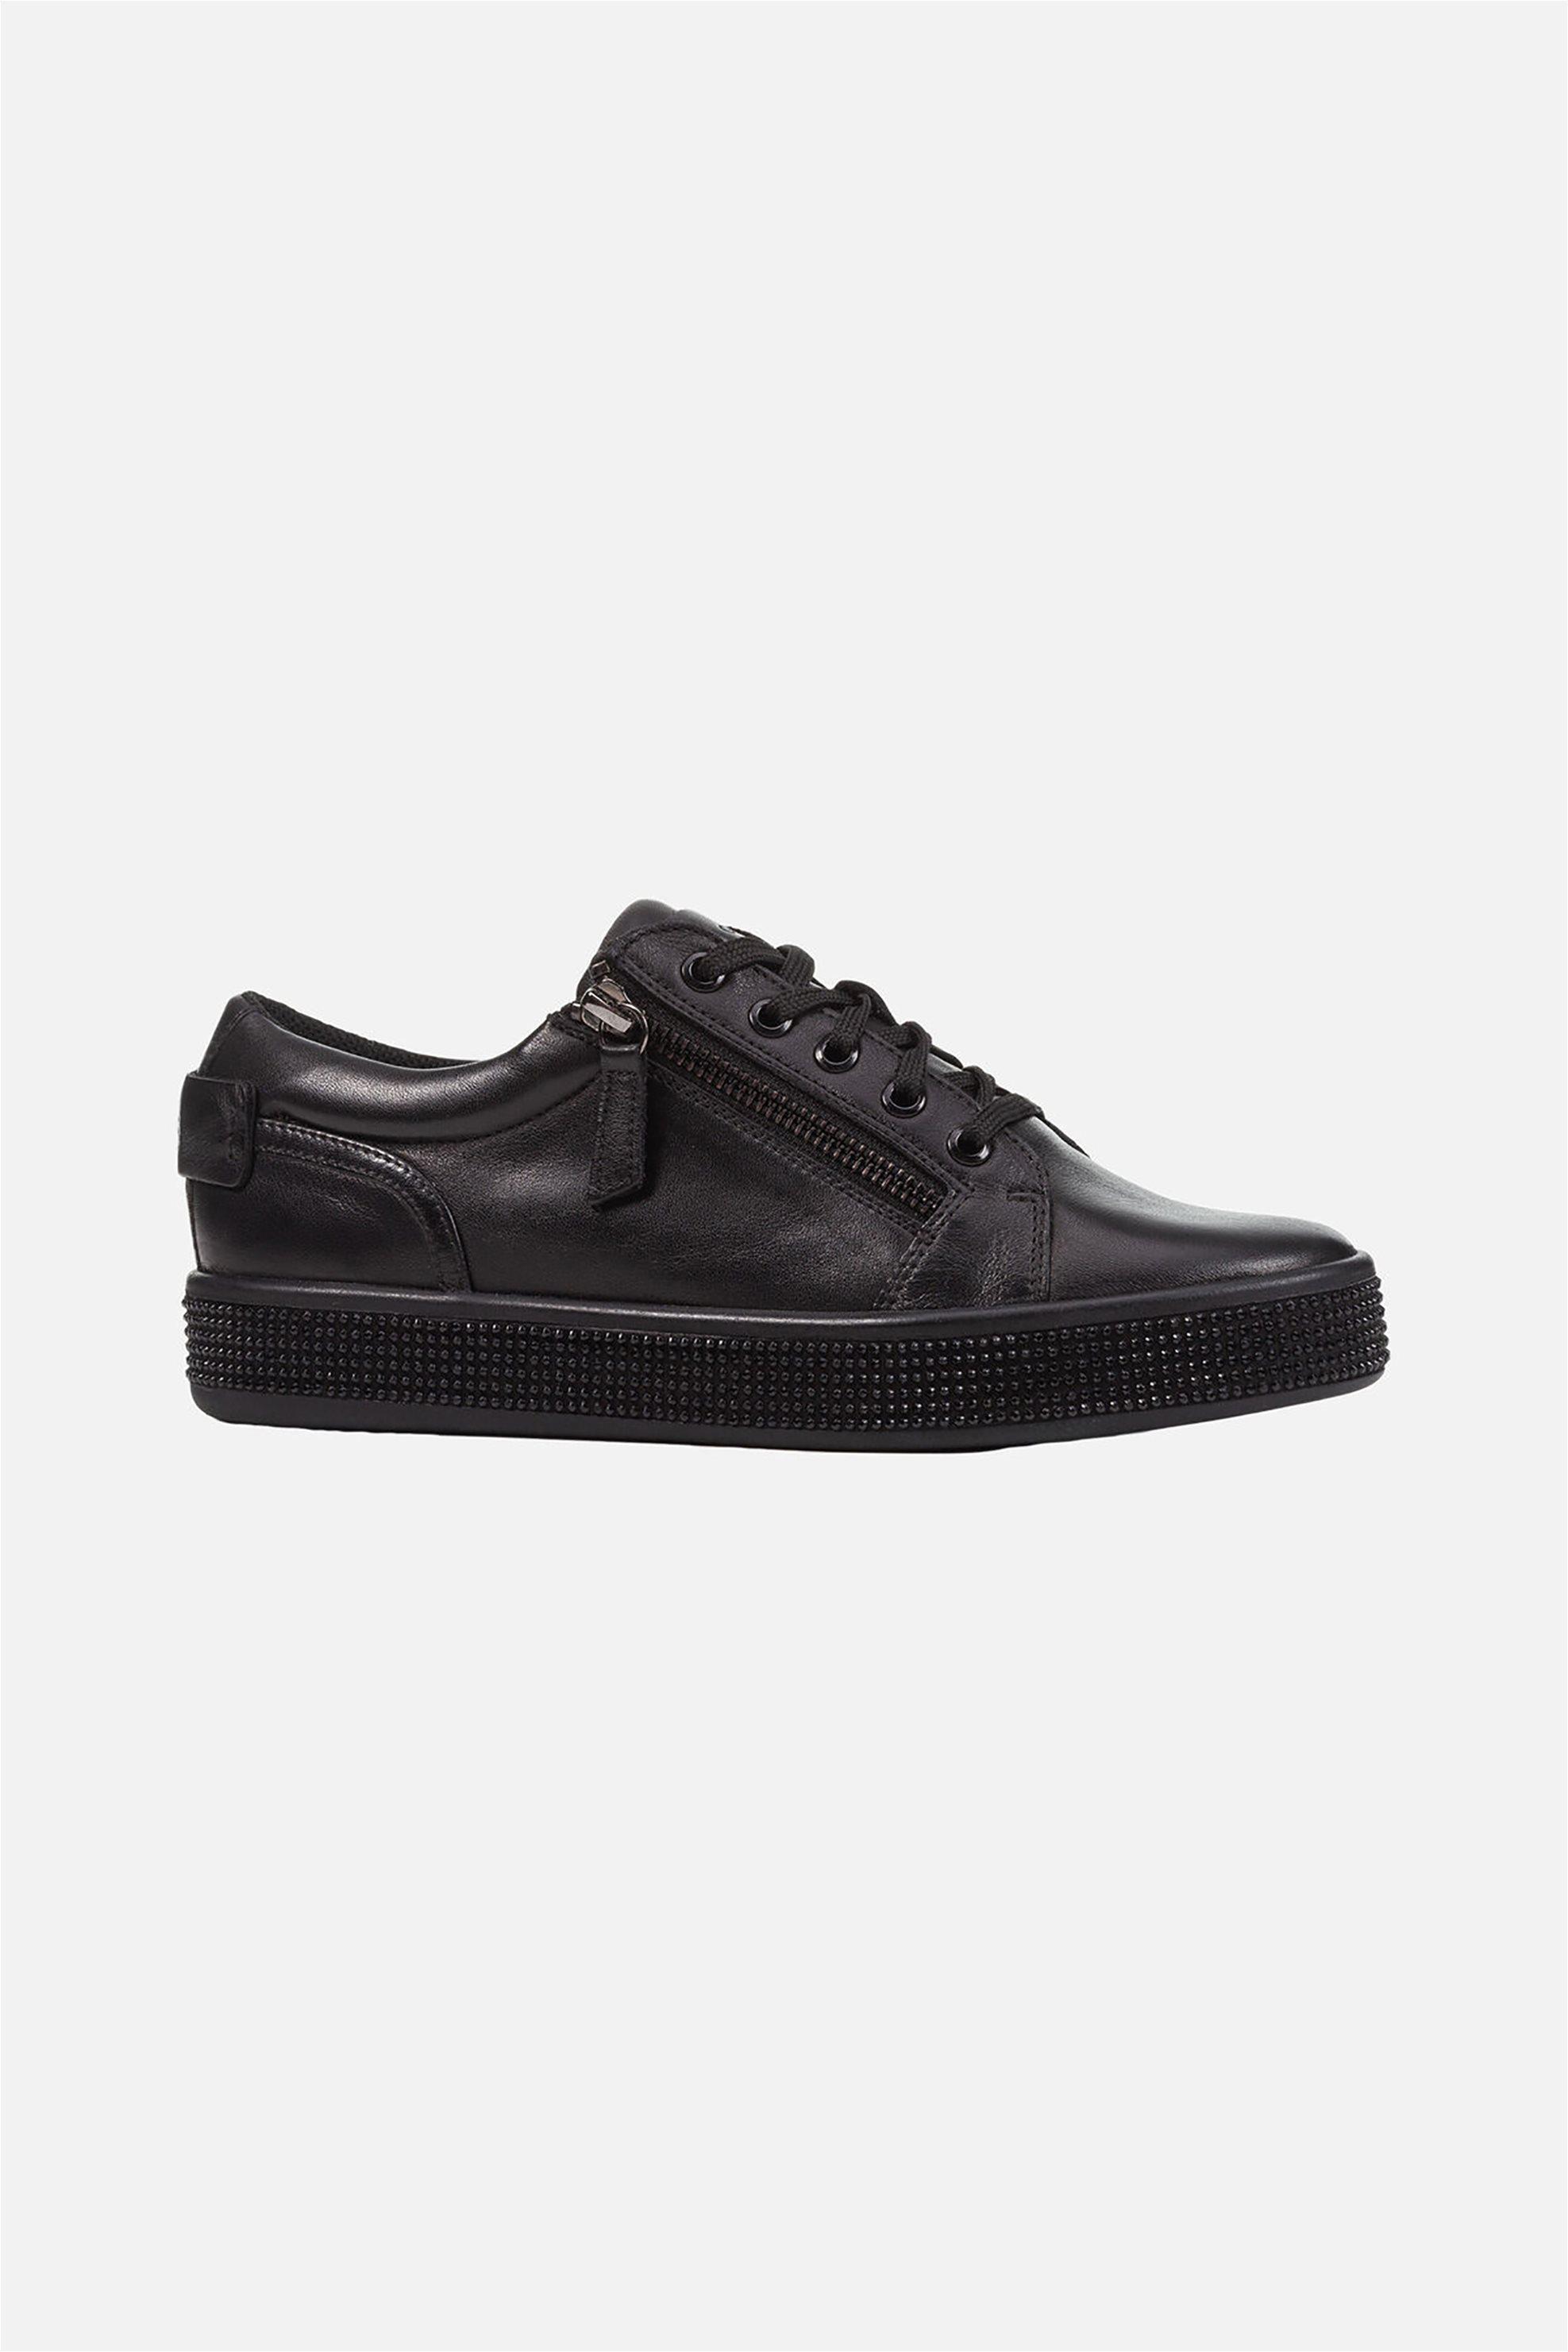 Geox γυναικεία sneakers με διακοσμητικά στρας ''Leelu'' - D04FFD00085C9999 - Μαύρο